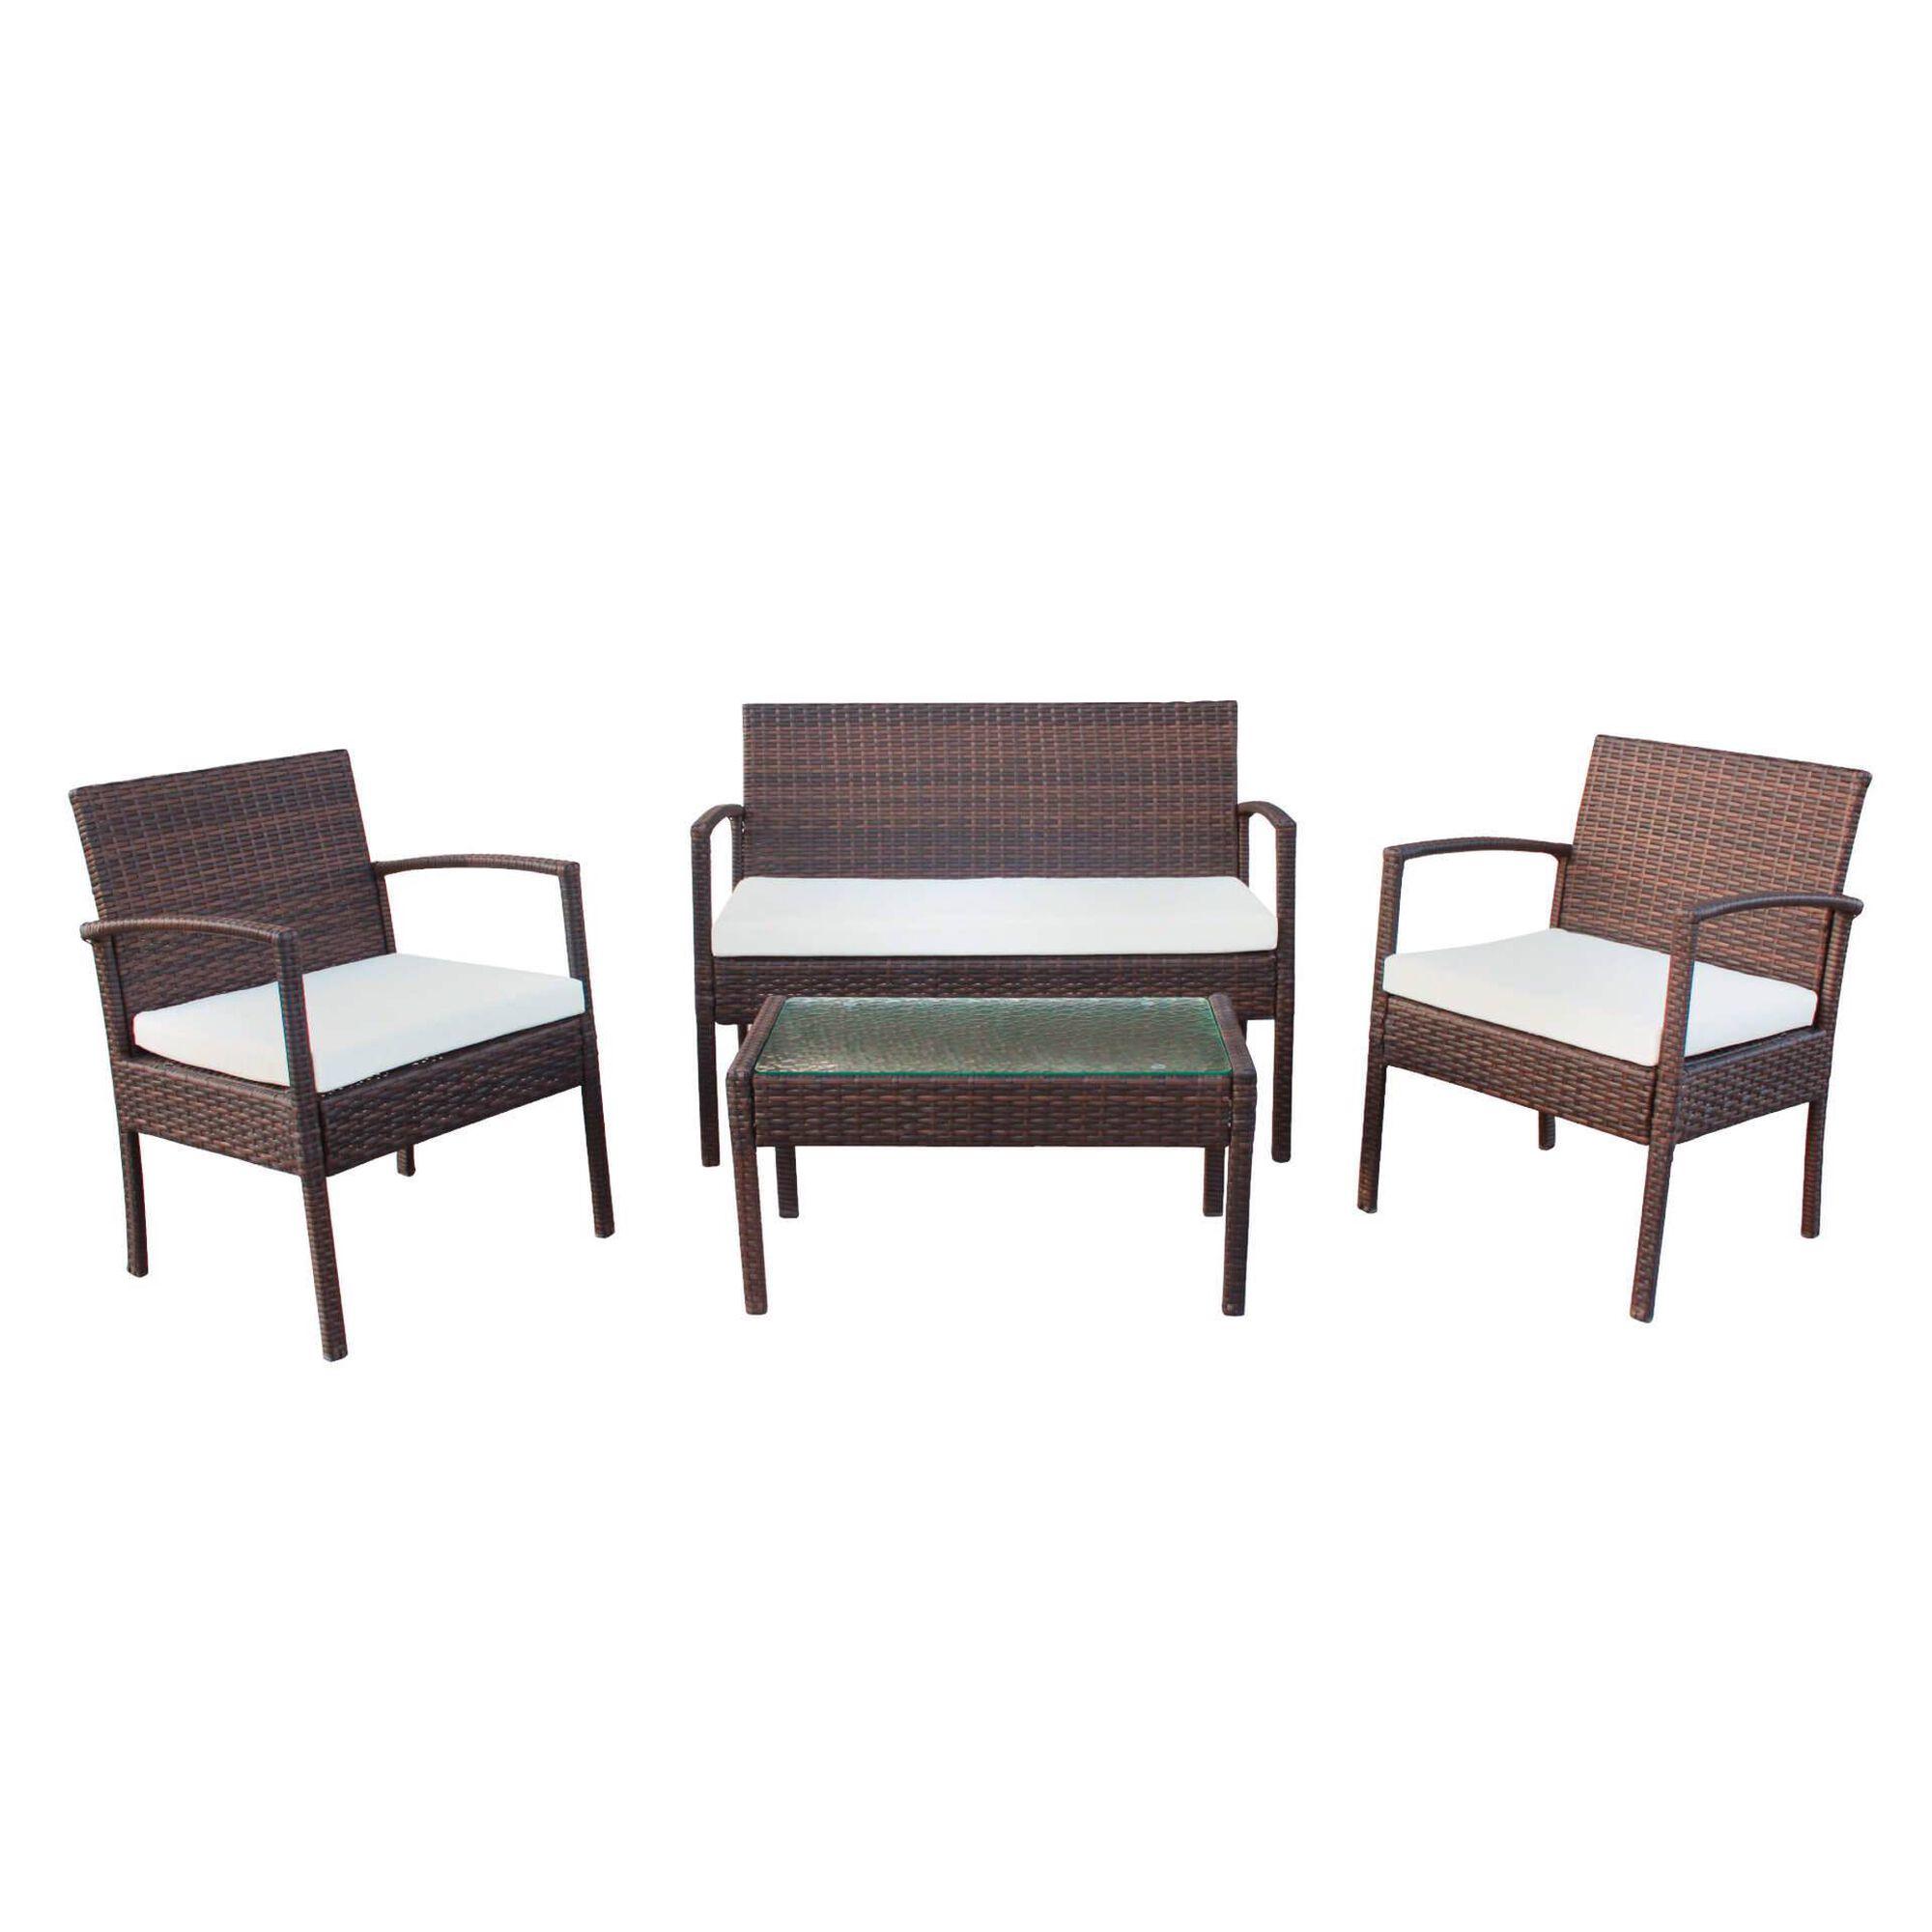 Conjunto de Estar Mesa e 3 Sofás Wicker São Francisco